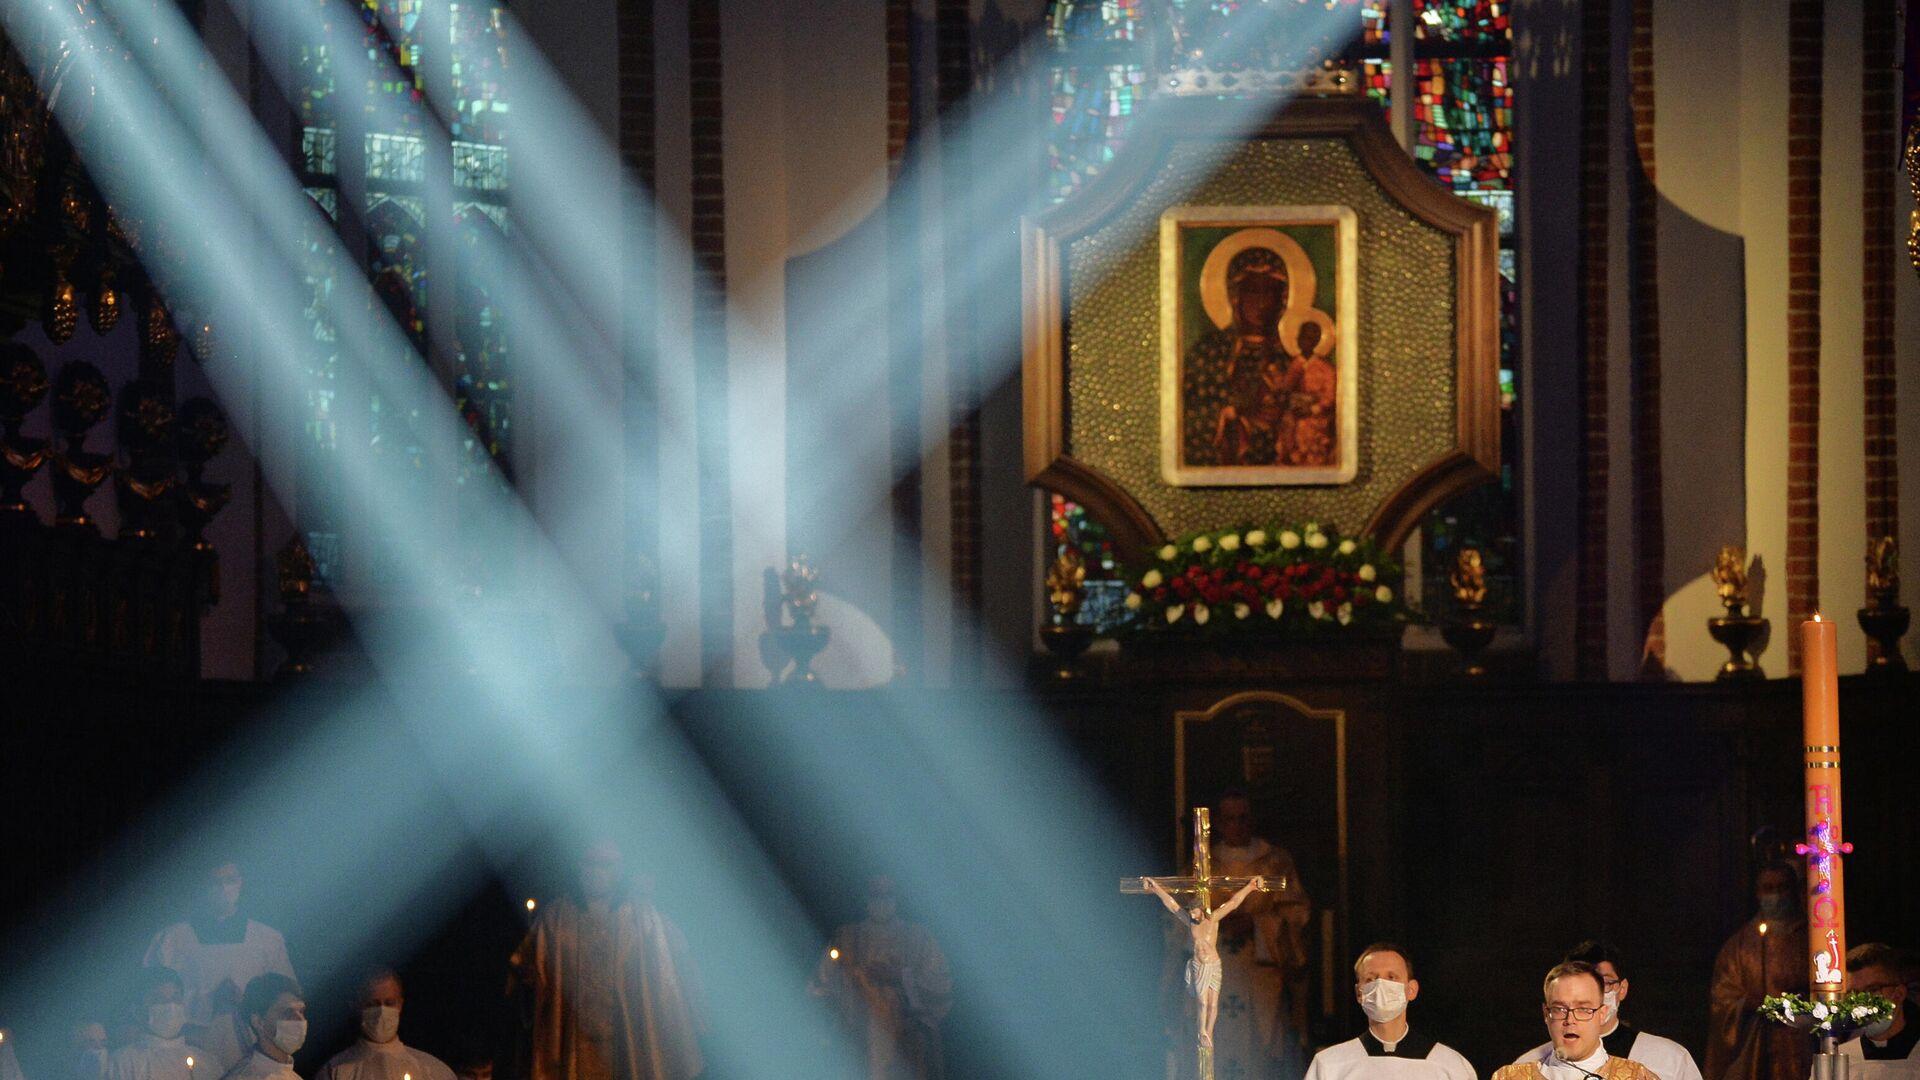 Wierni podczas uroczystego nabożeństwa wielkanocnego w Katedrze św. Jana Chrzciciela w Warszawie. Odzyskane - Sputnik Polska, 1920, 31.08.2021